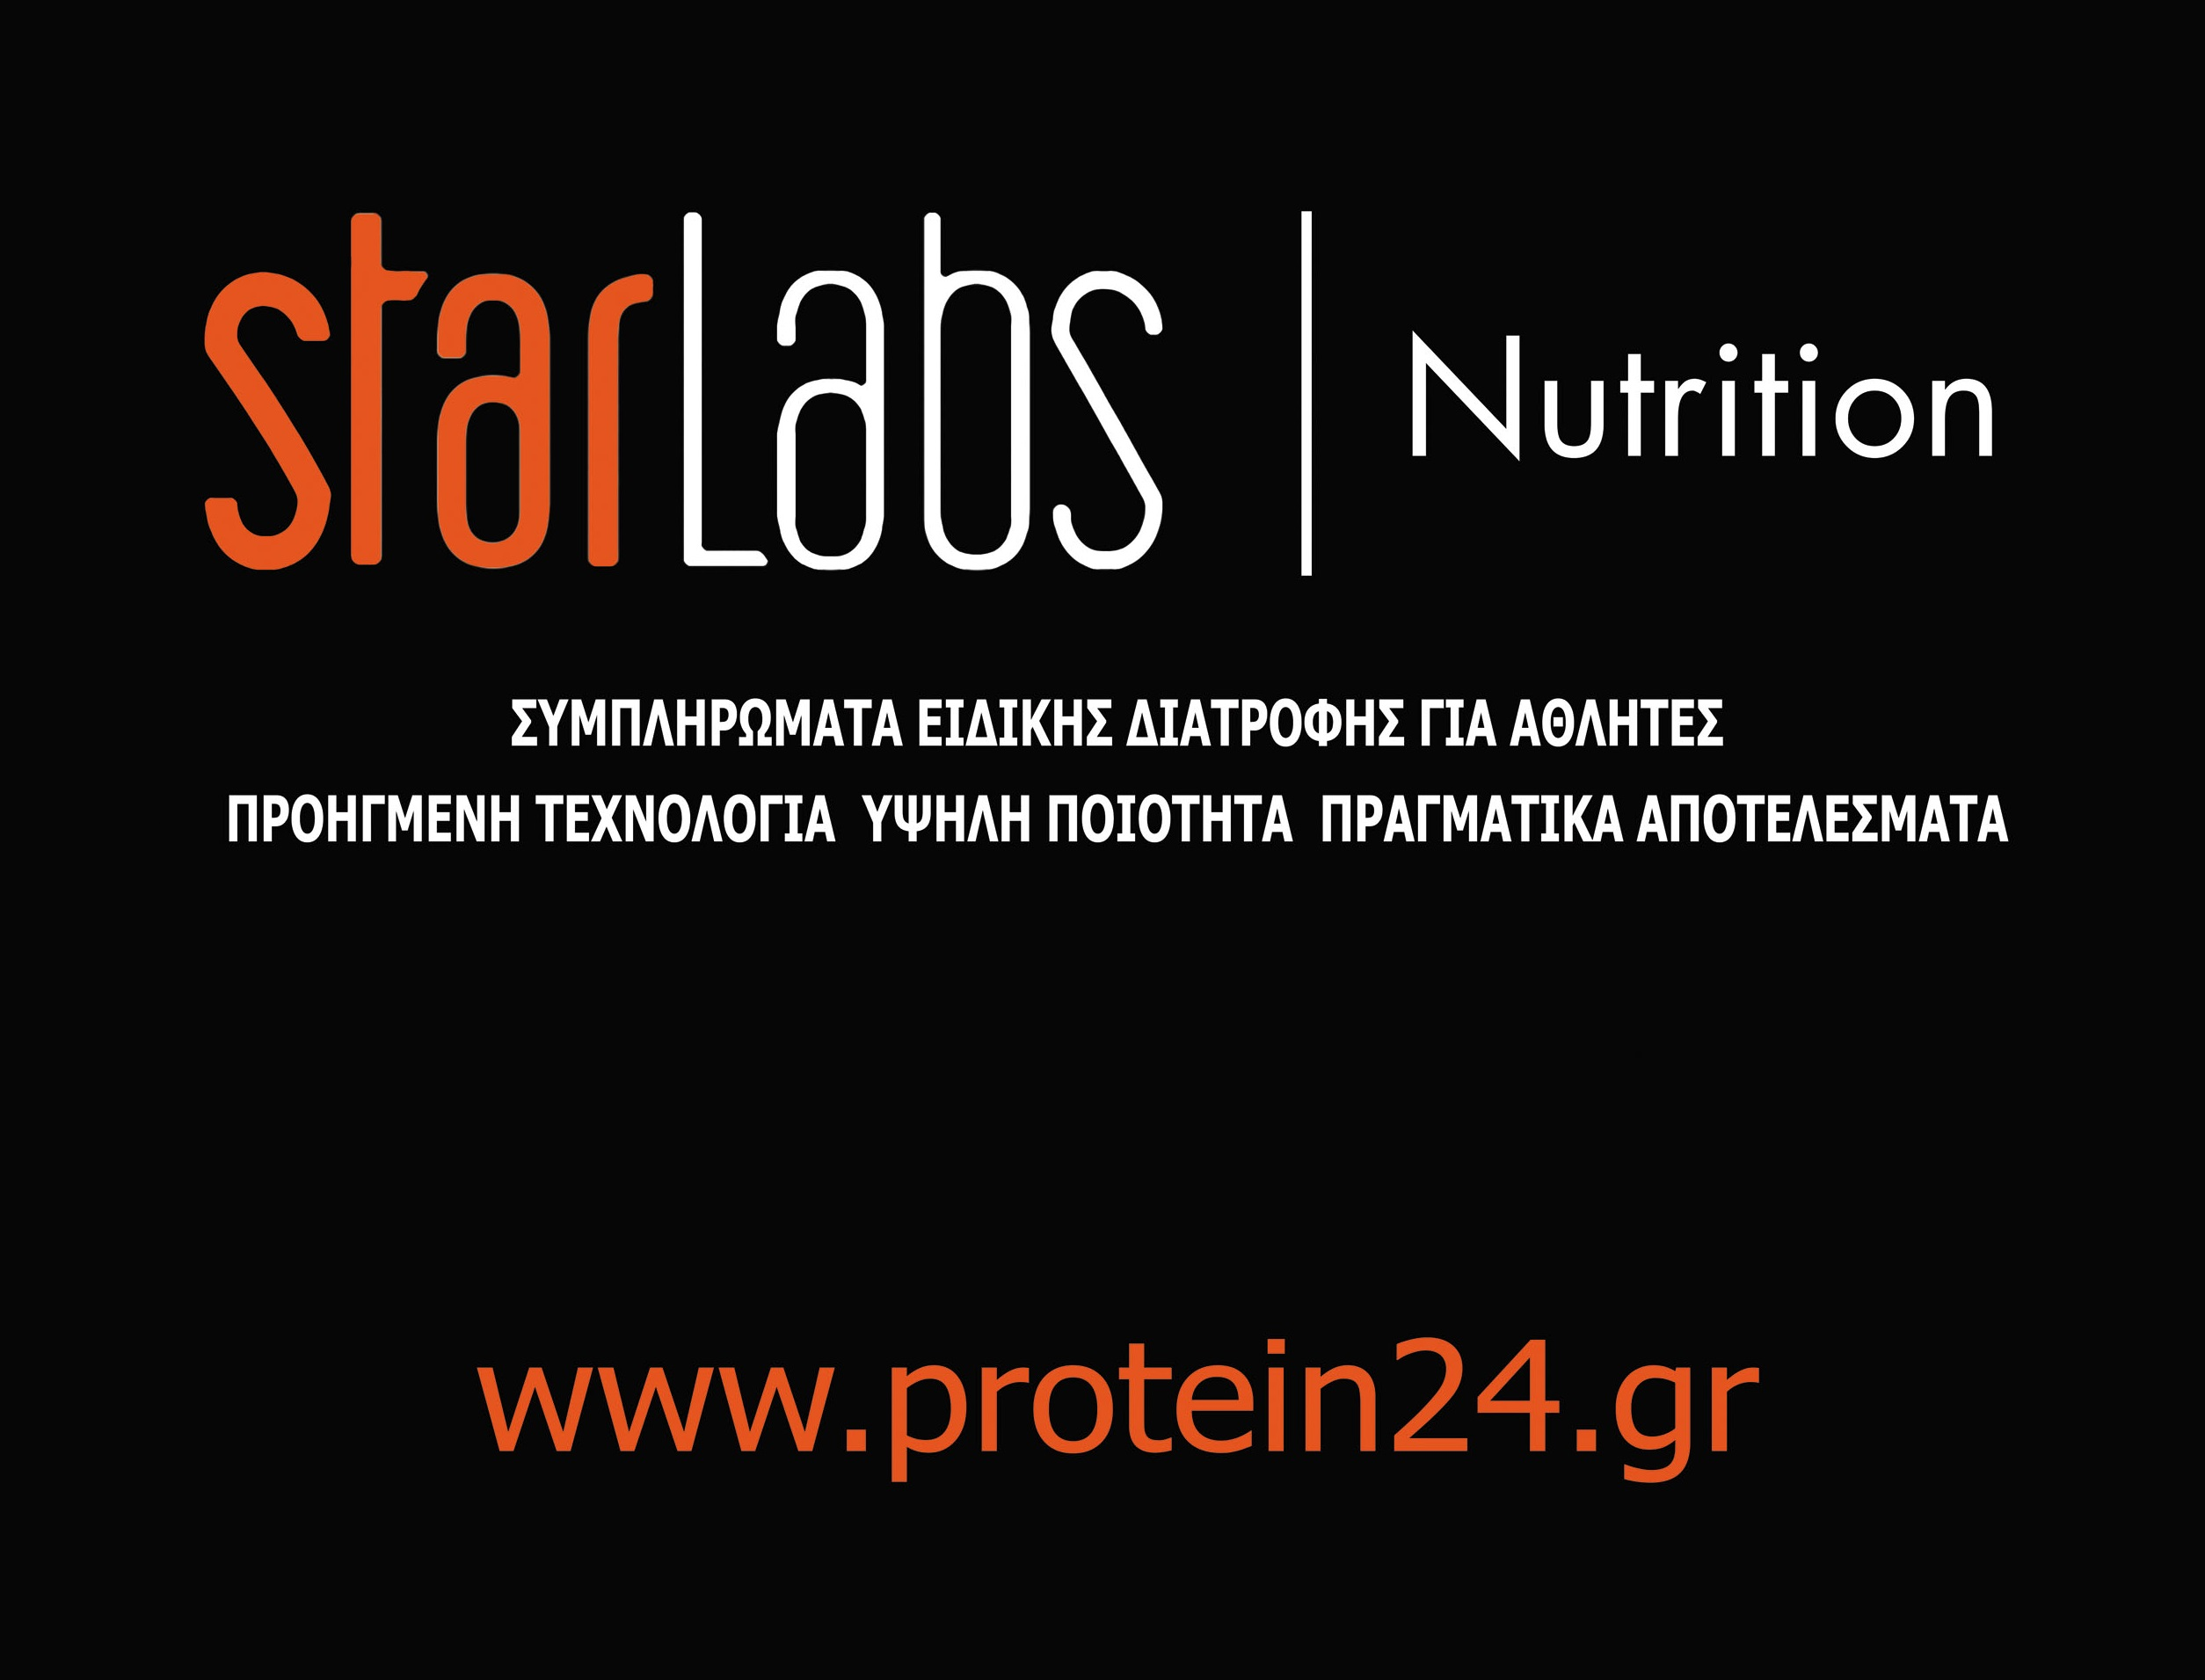 Συμπληρώματα Ειδικής Διατροφής για Αθλητές. Προηγμένη Τεχνολογία, Υψηλή Ποιότητα, Πραγματικά Αποτελέσματα